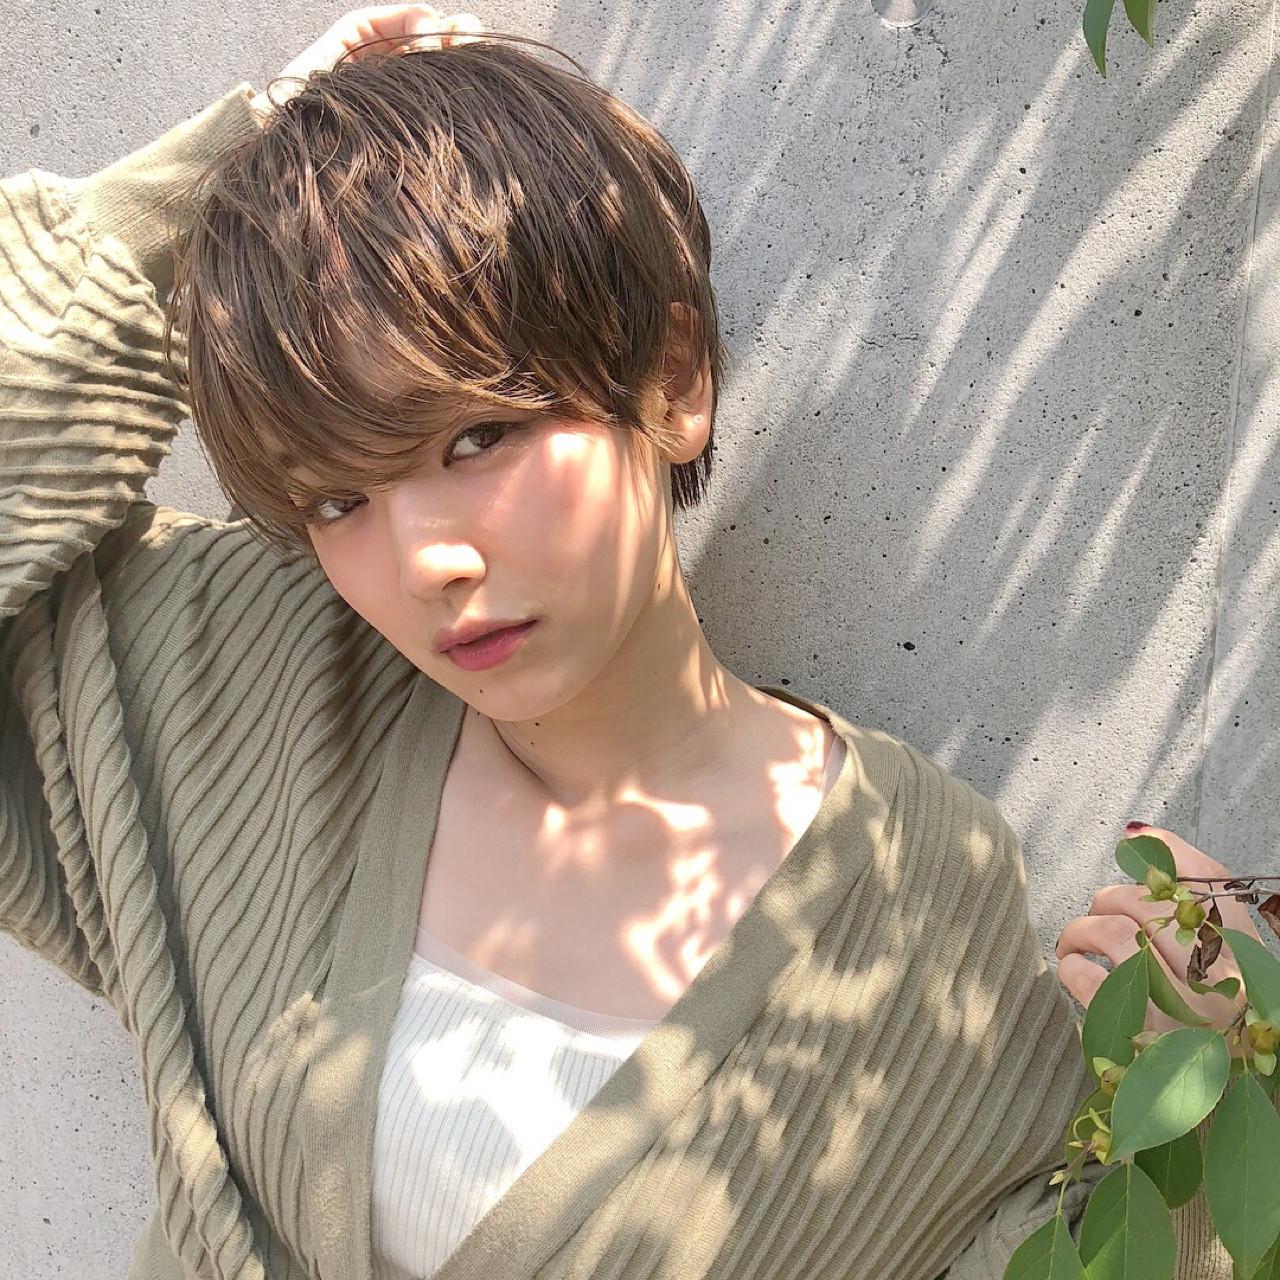 前髪長めがステキ☆おしゃかわ女子のベリーショート GARDEN柴田あやな